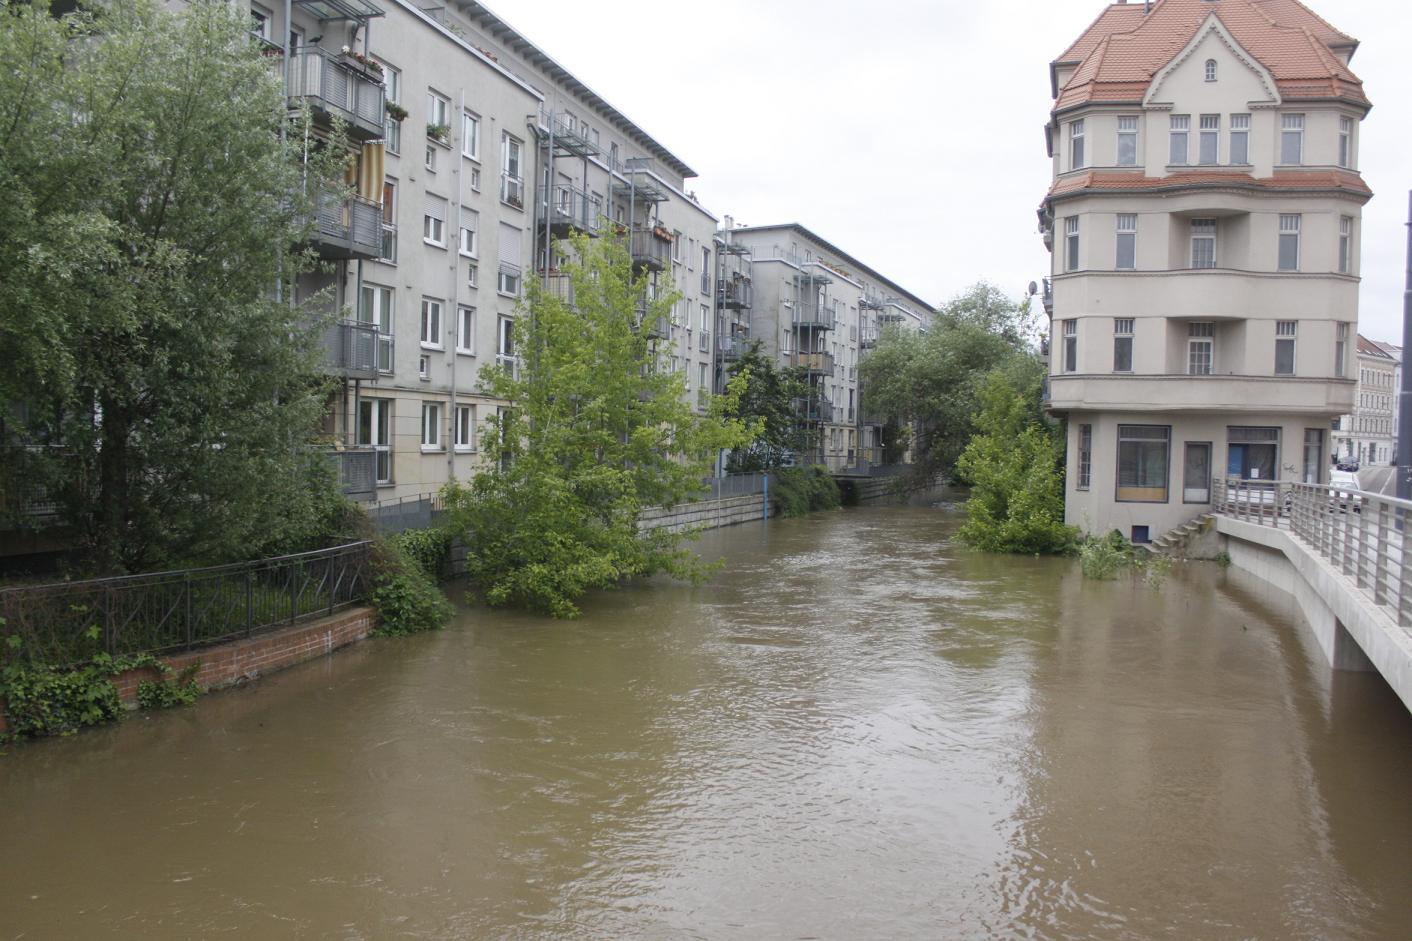 Saale-Hochwasser42